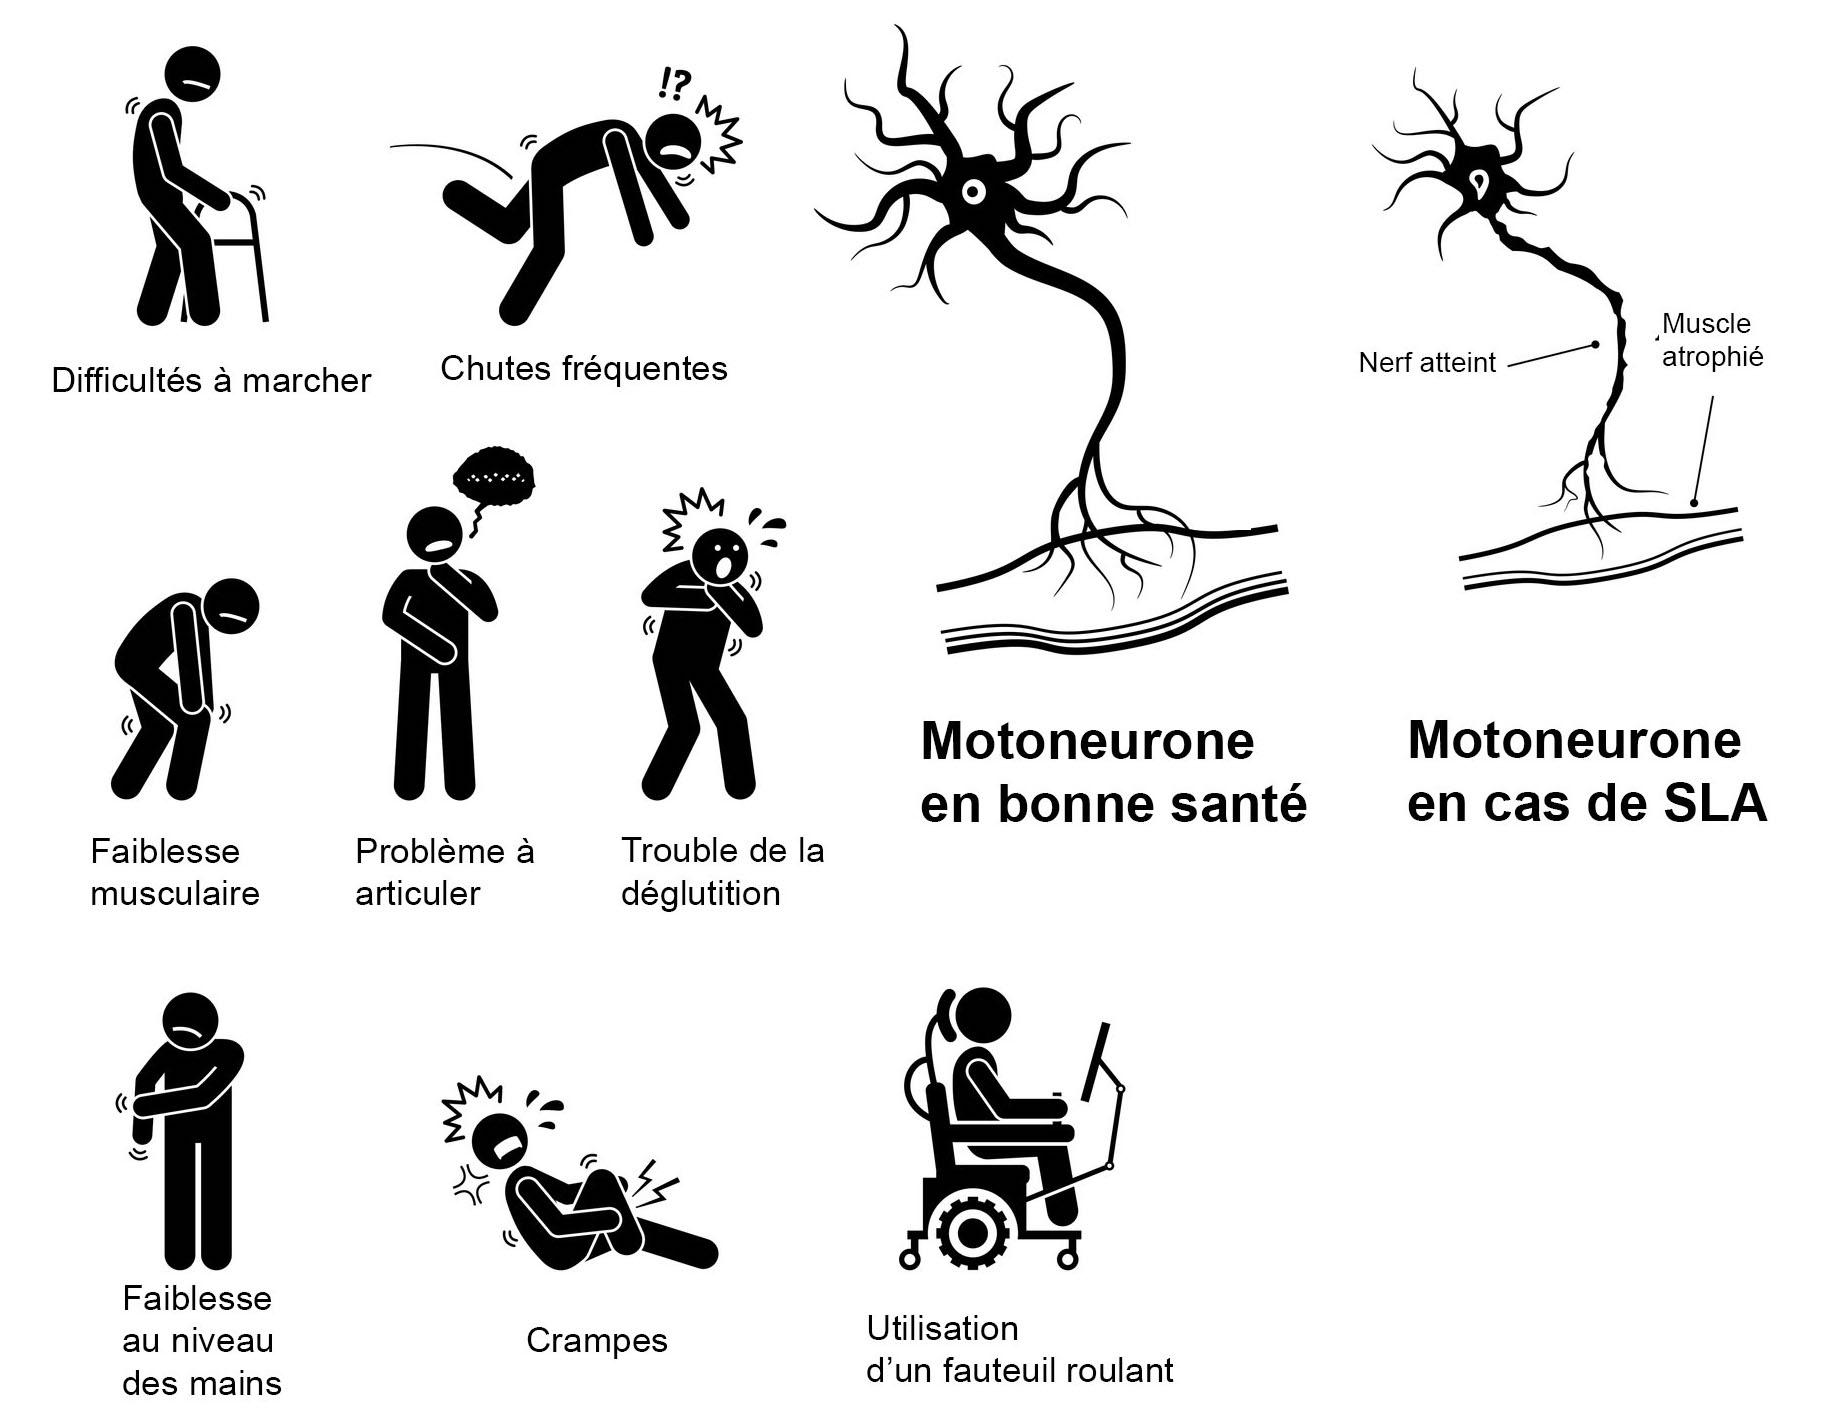 symptomes maladie charcot